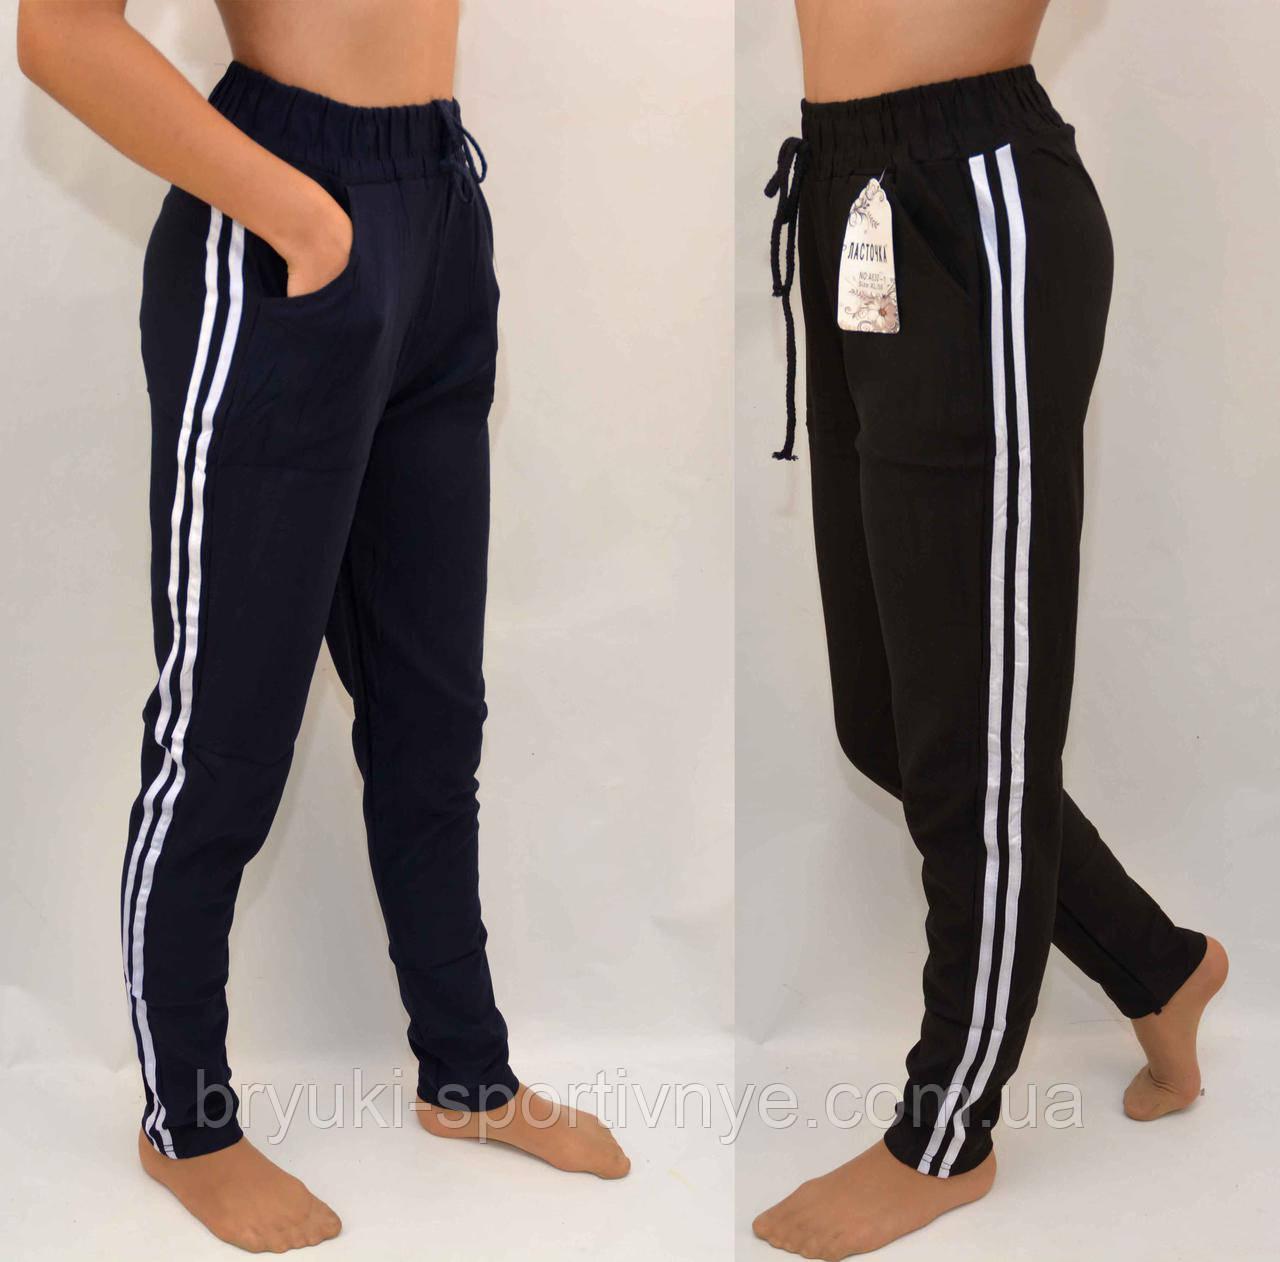 Брюки женские спортивные с двумя полосами XL - 4XL